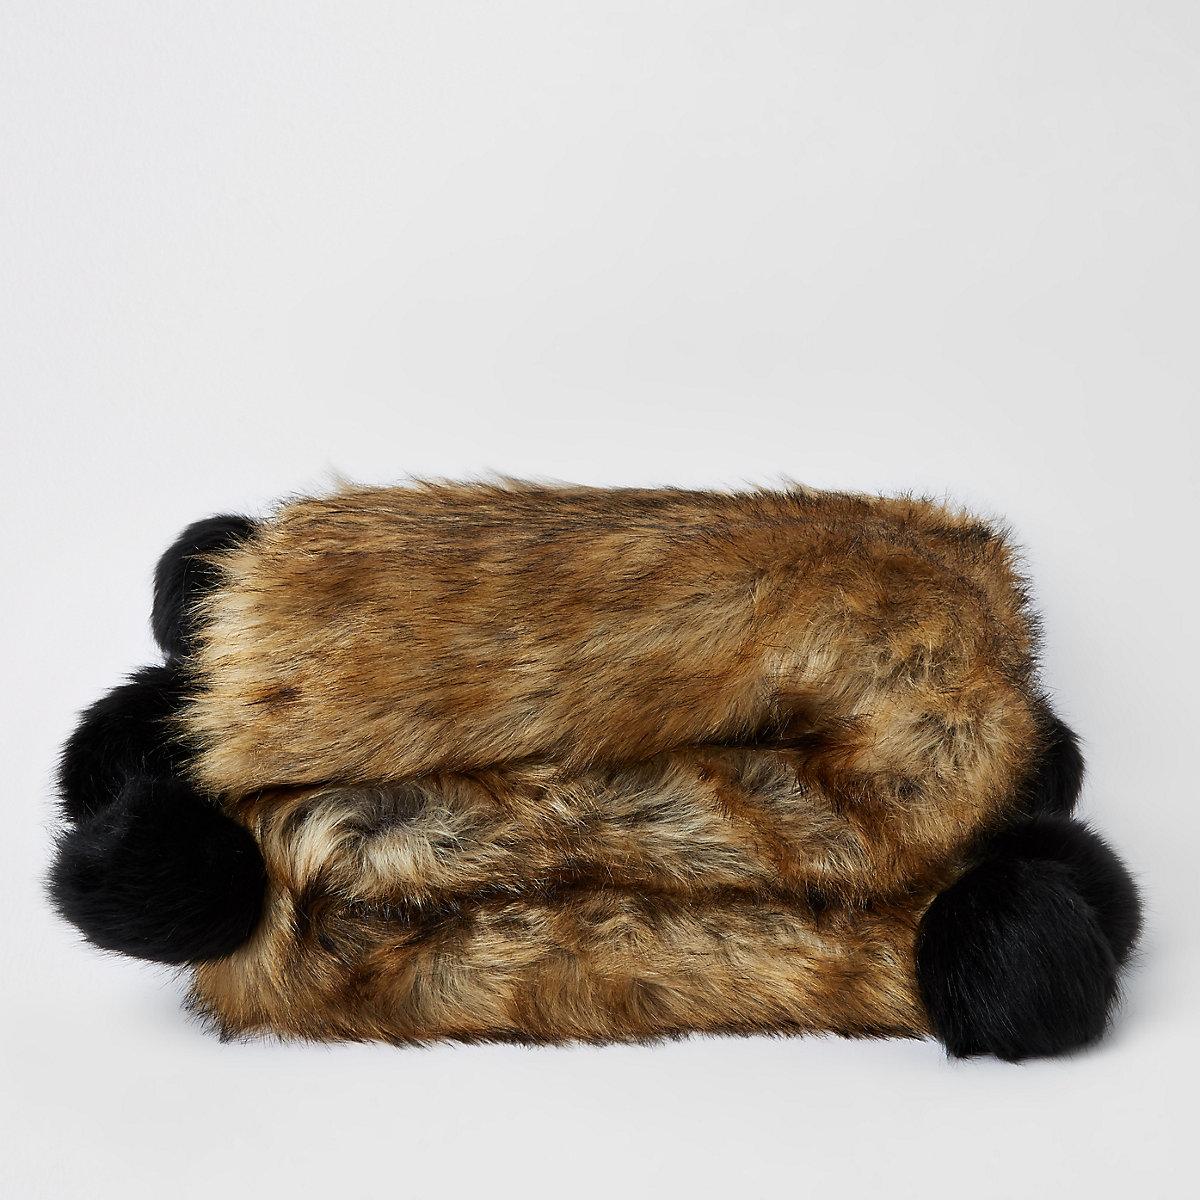 Brown faux fur throw with black pom pom